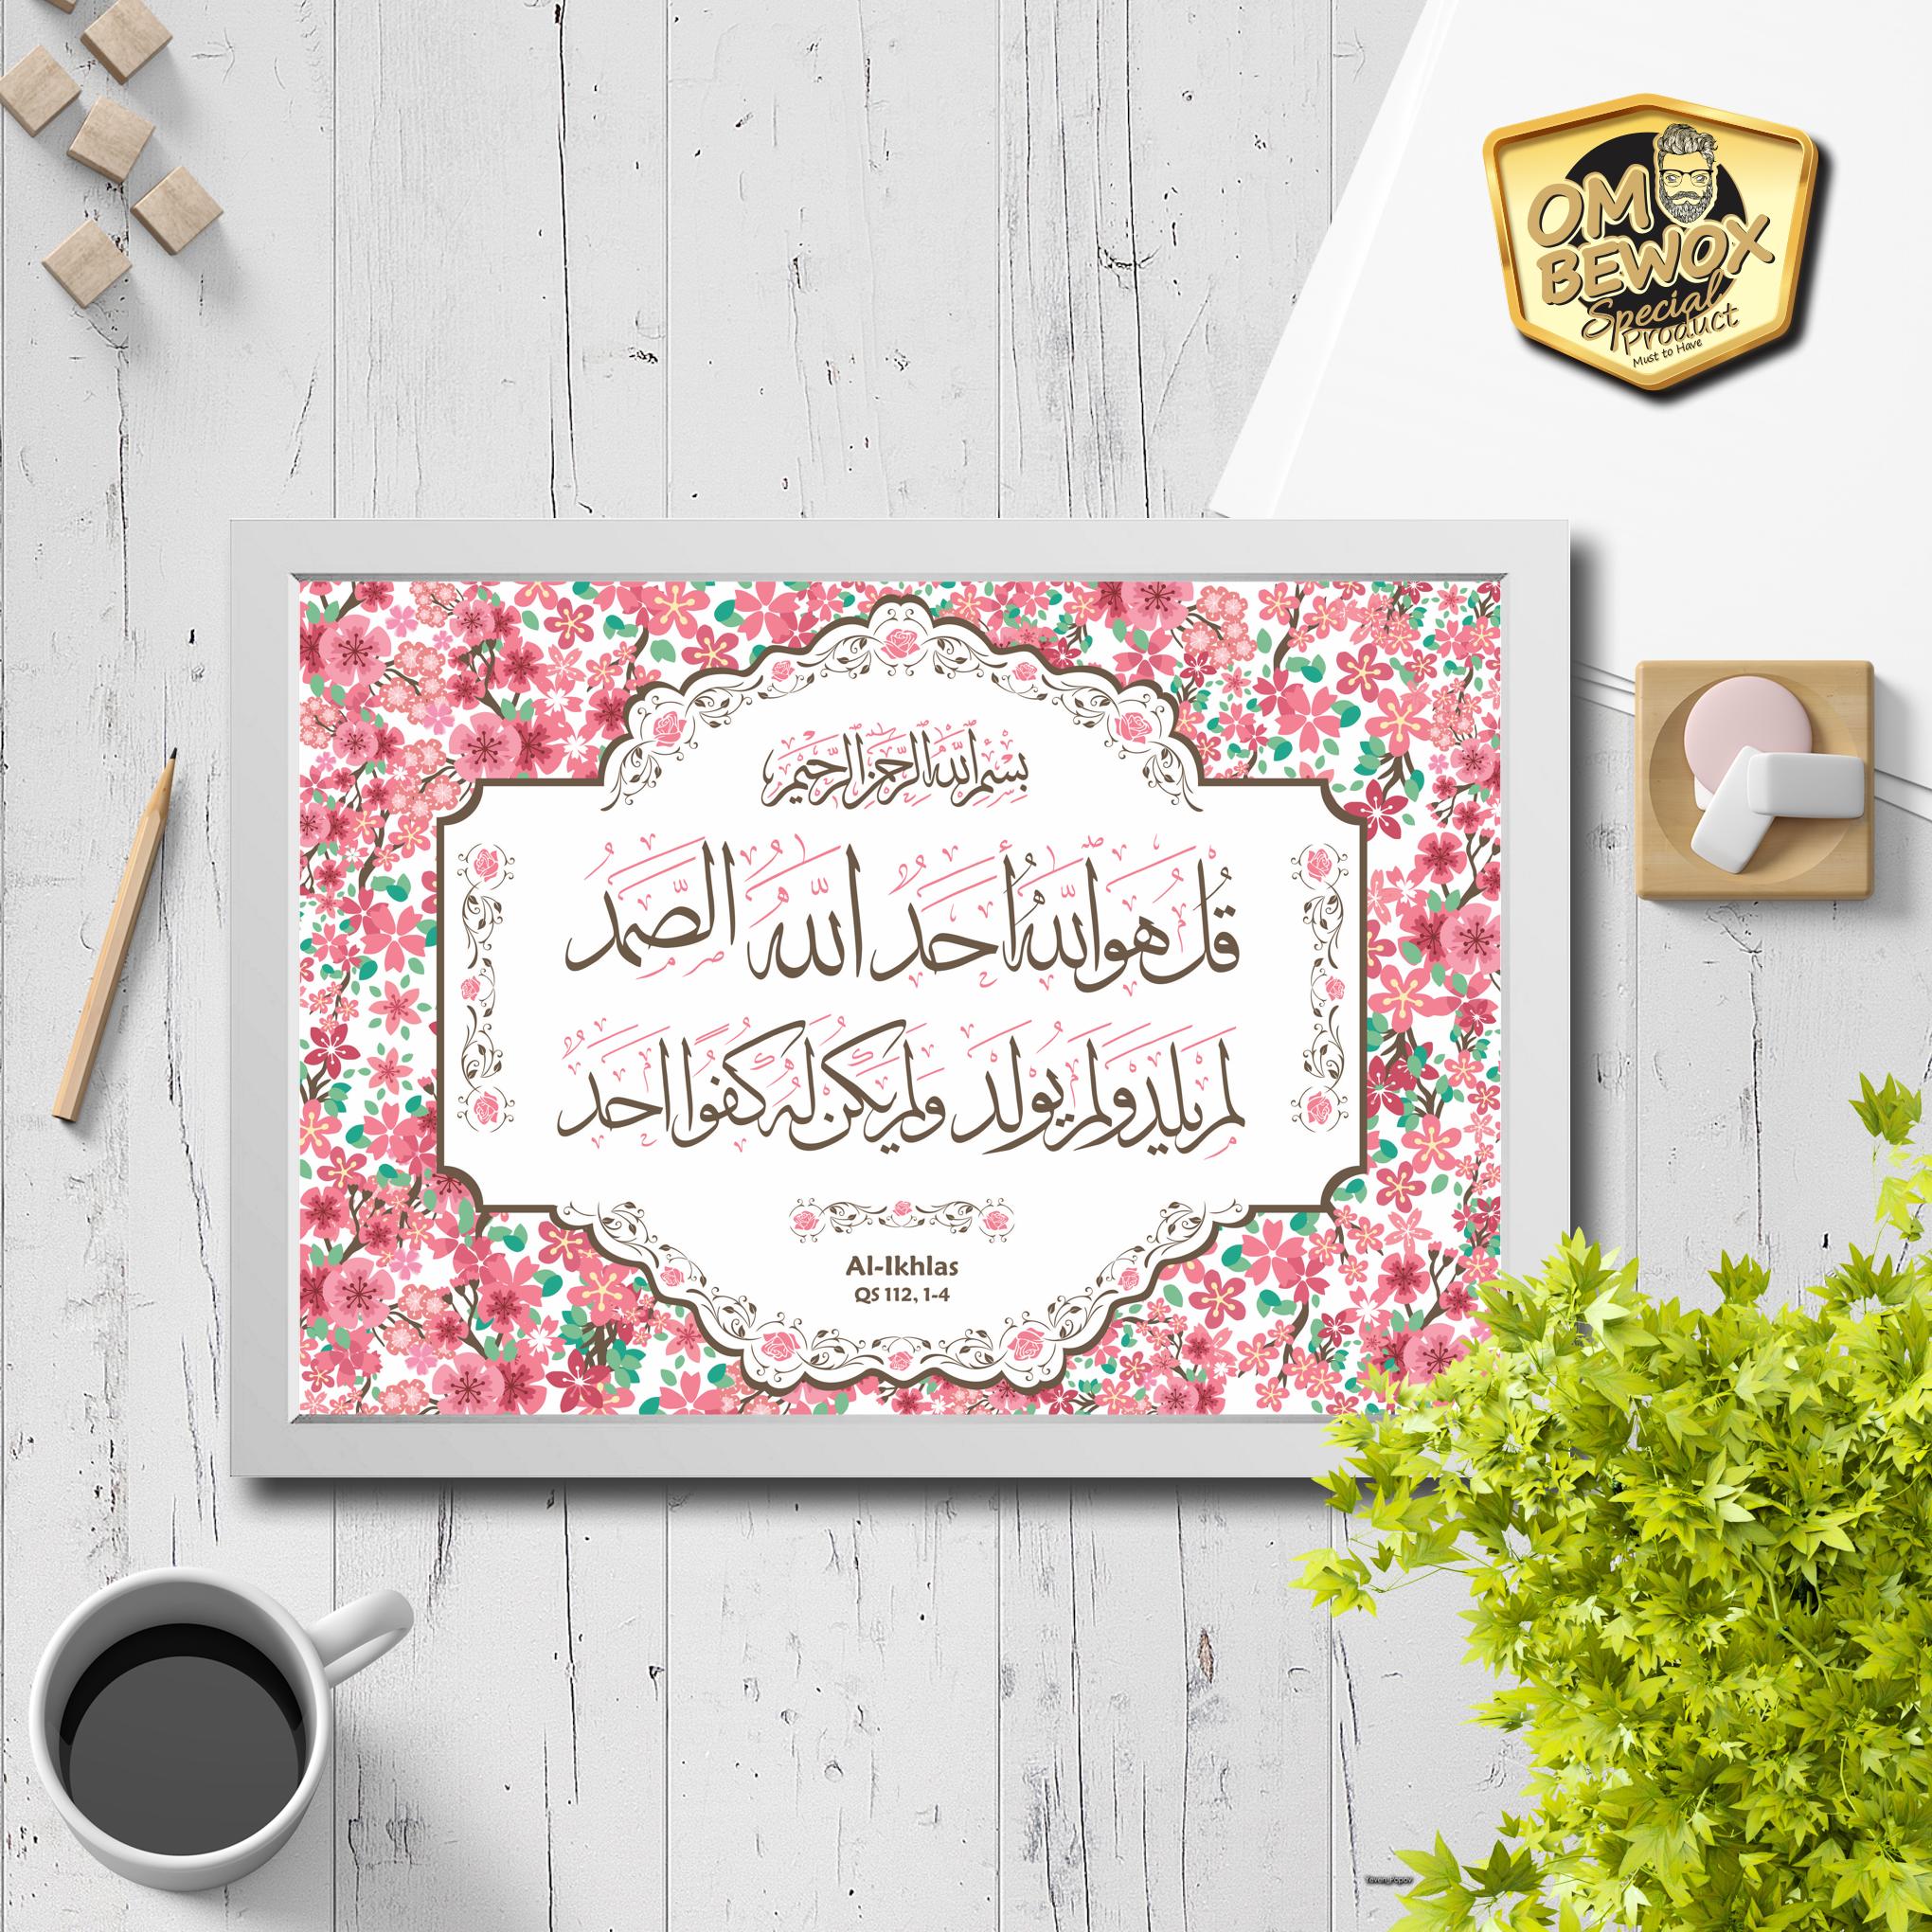 Kaligrafi Surah Al Ikhlas Berwarna Cikimmcom